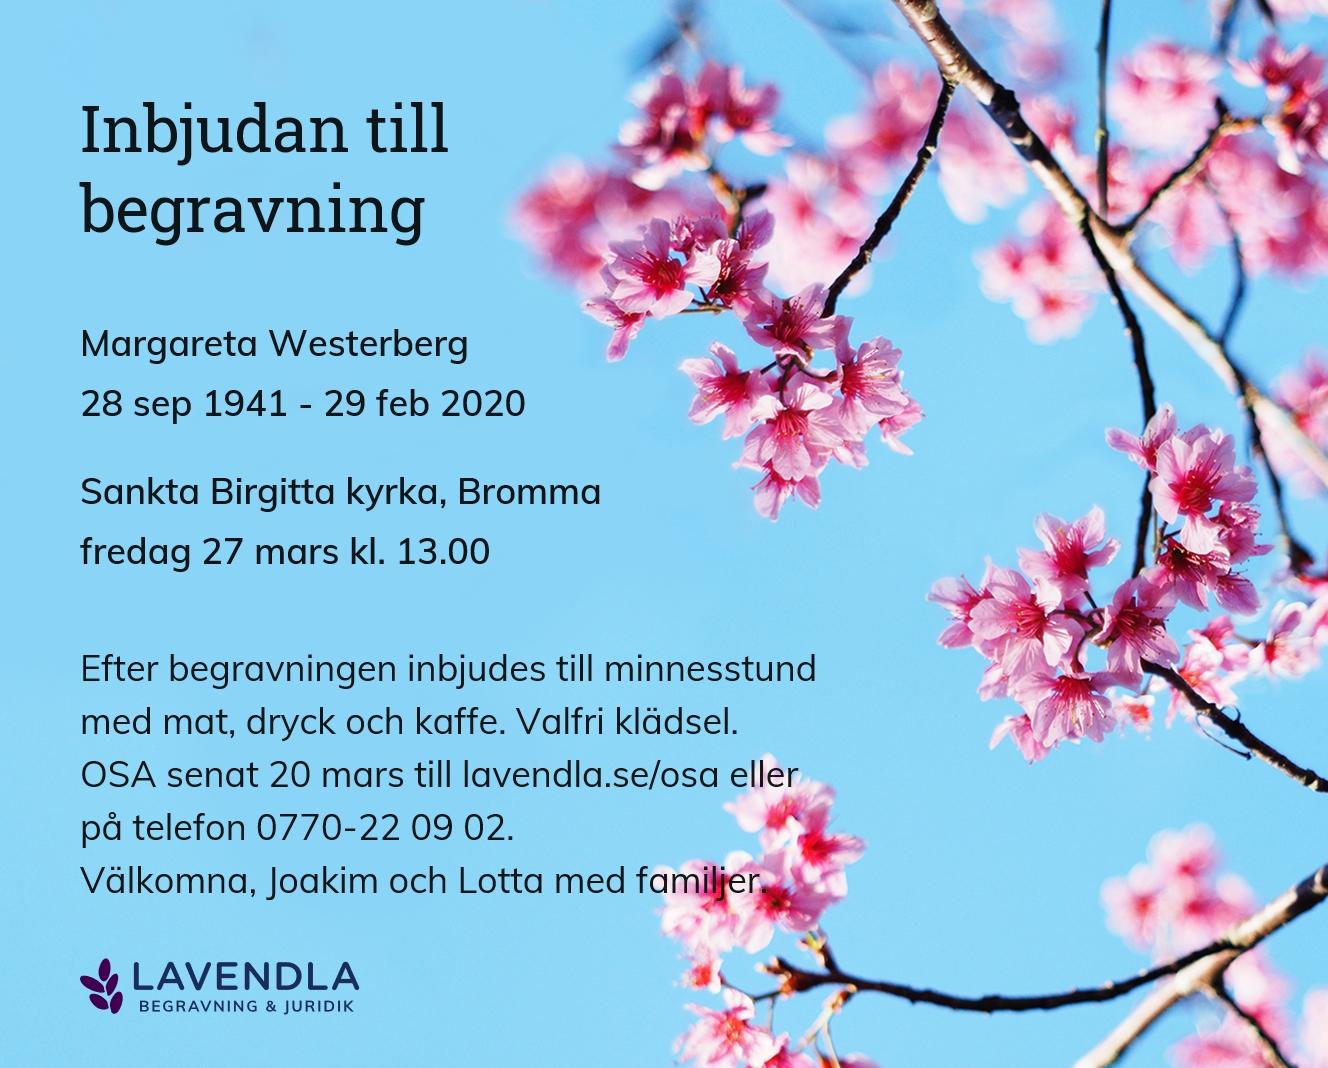 Inbjudningskort till ceremonin för Margareta Westerberg